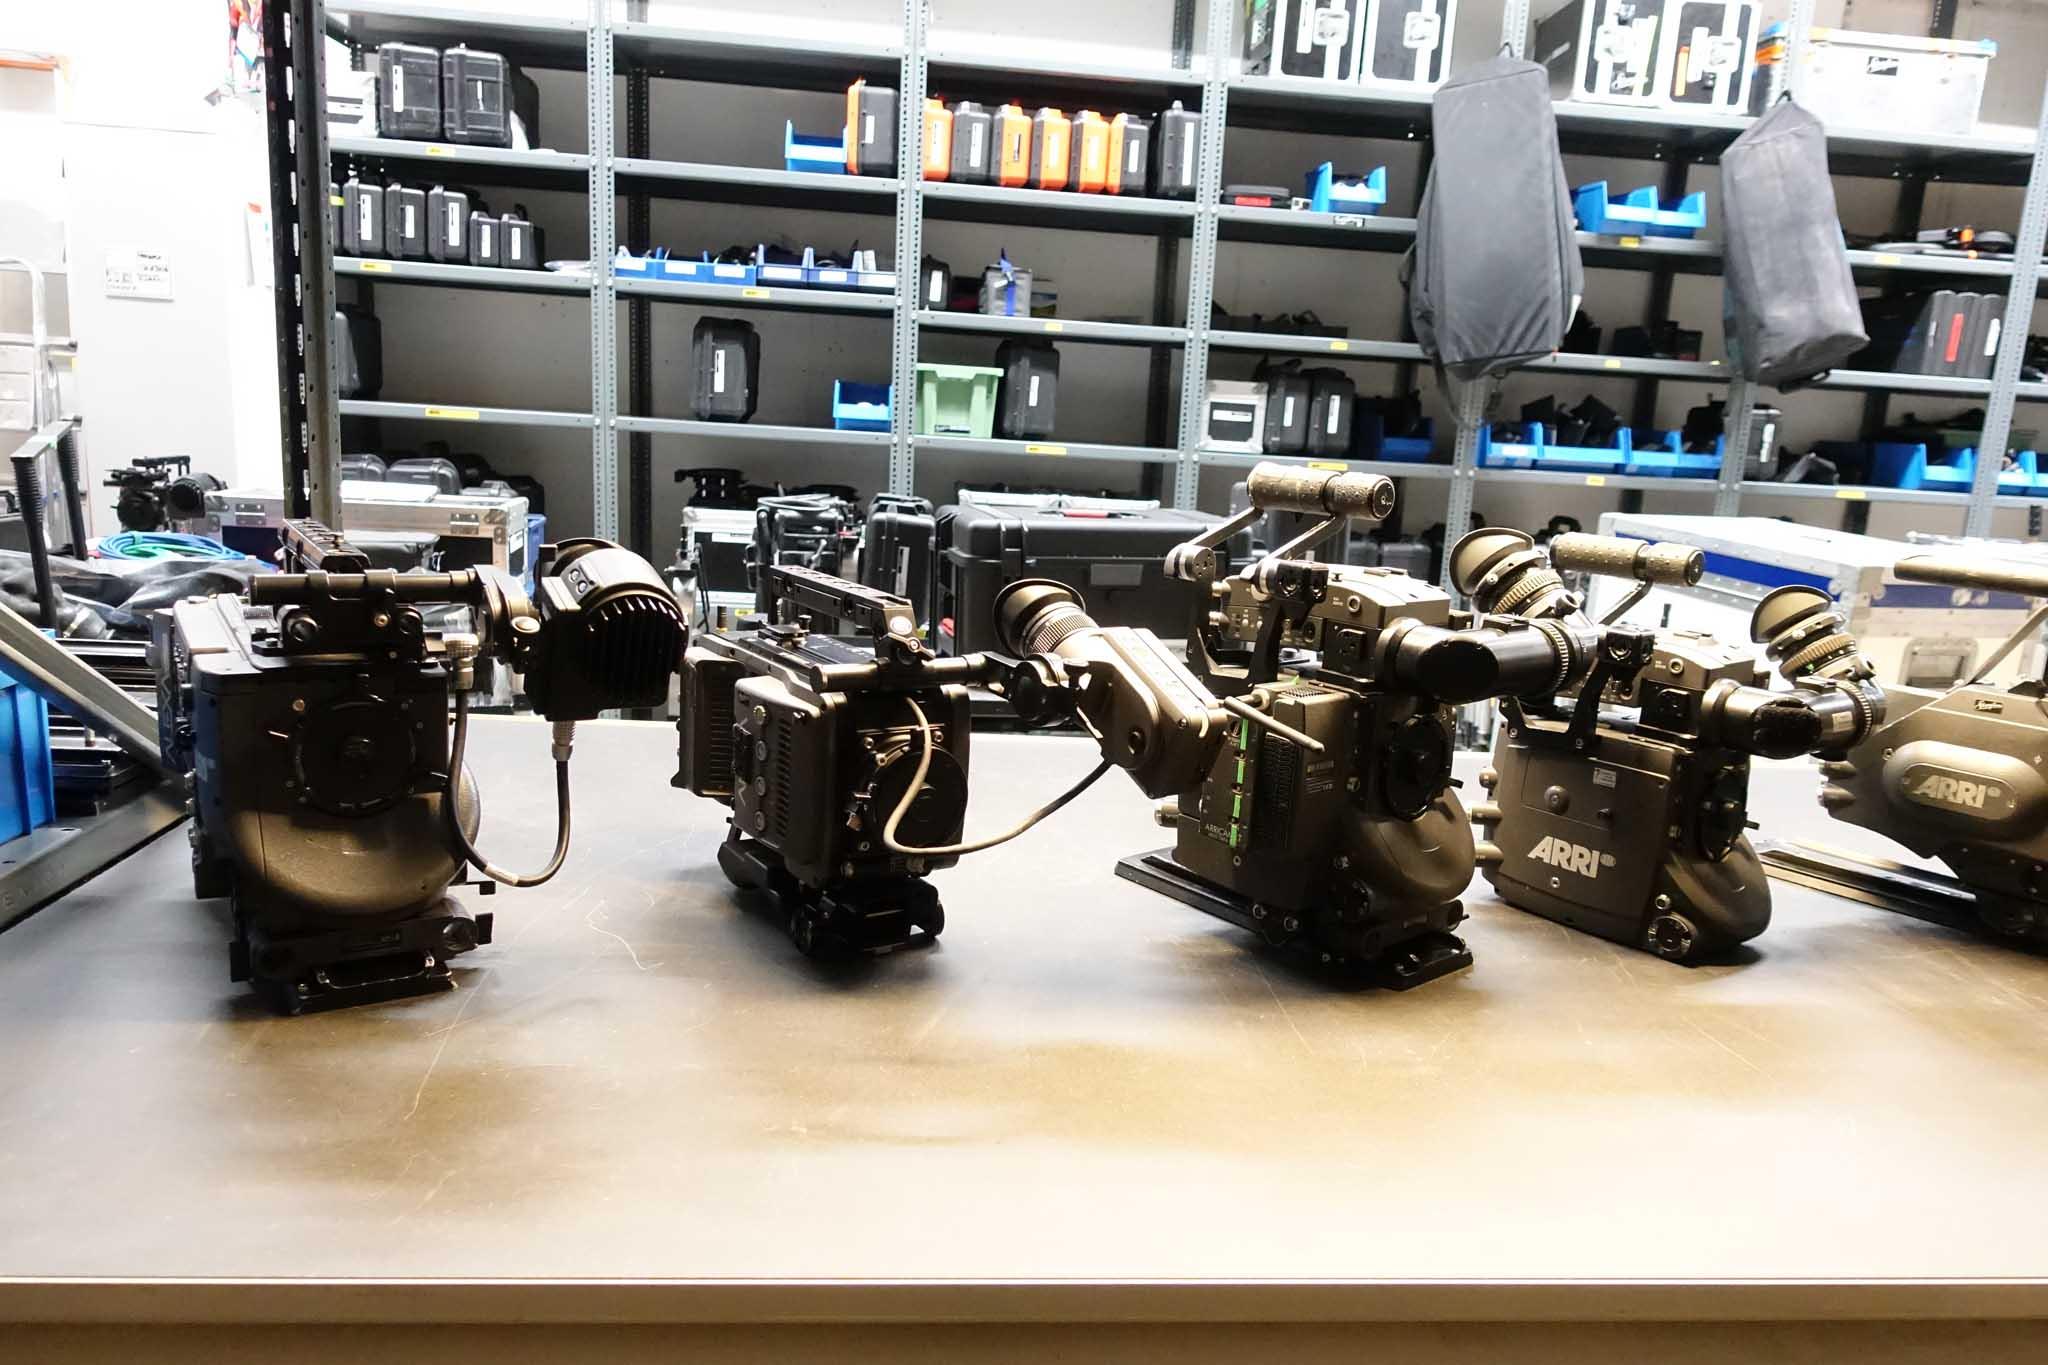 ARRI Camera prep area